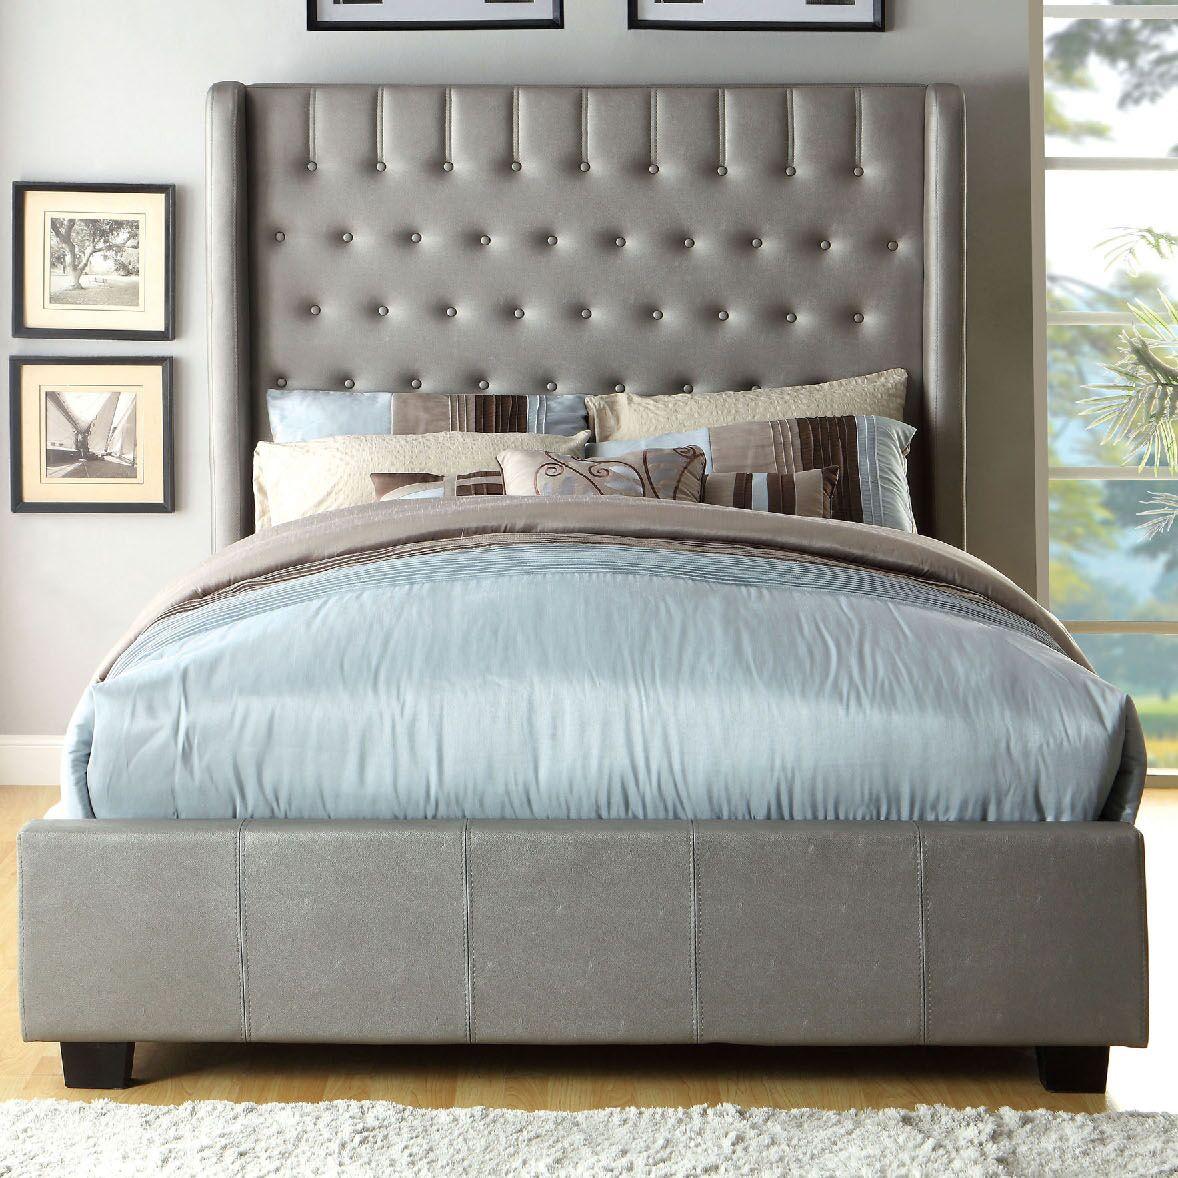 Upholstered Platform Bed Size: Full, Color: Silver